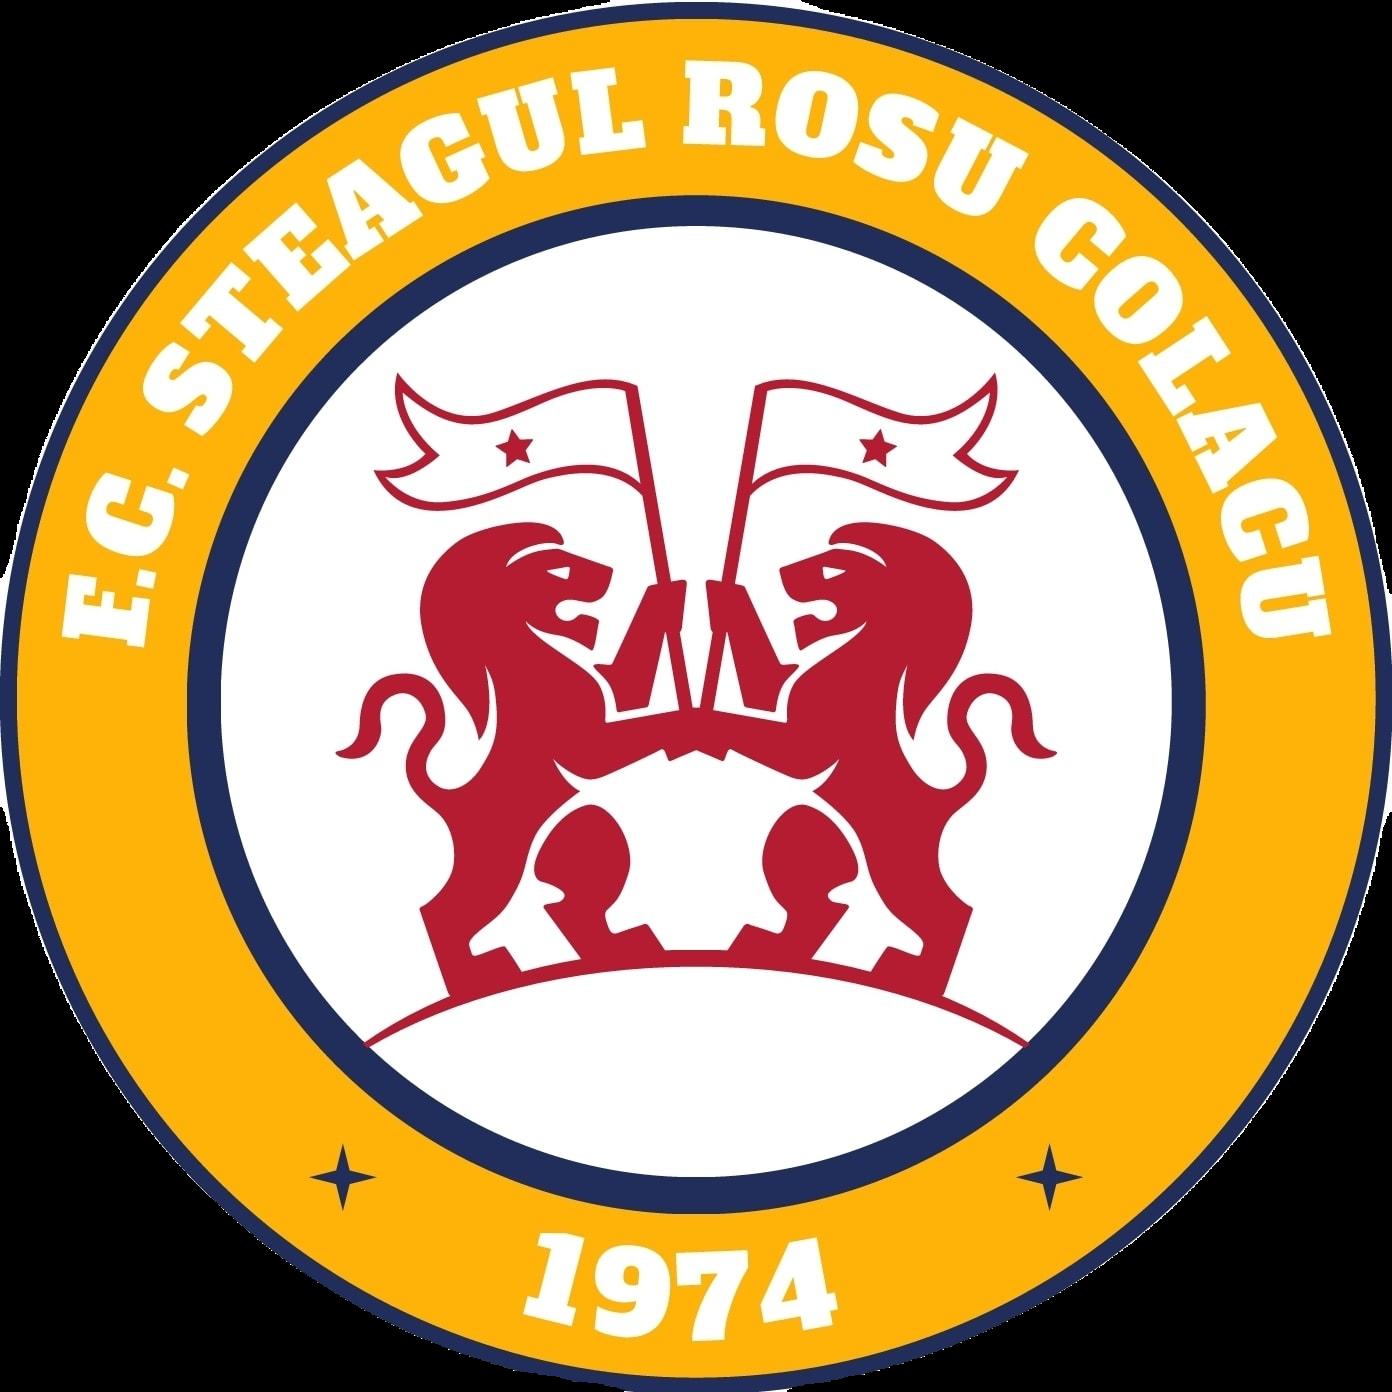 F.C. Steagu Rosu Colacu